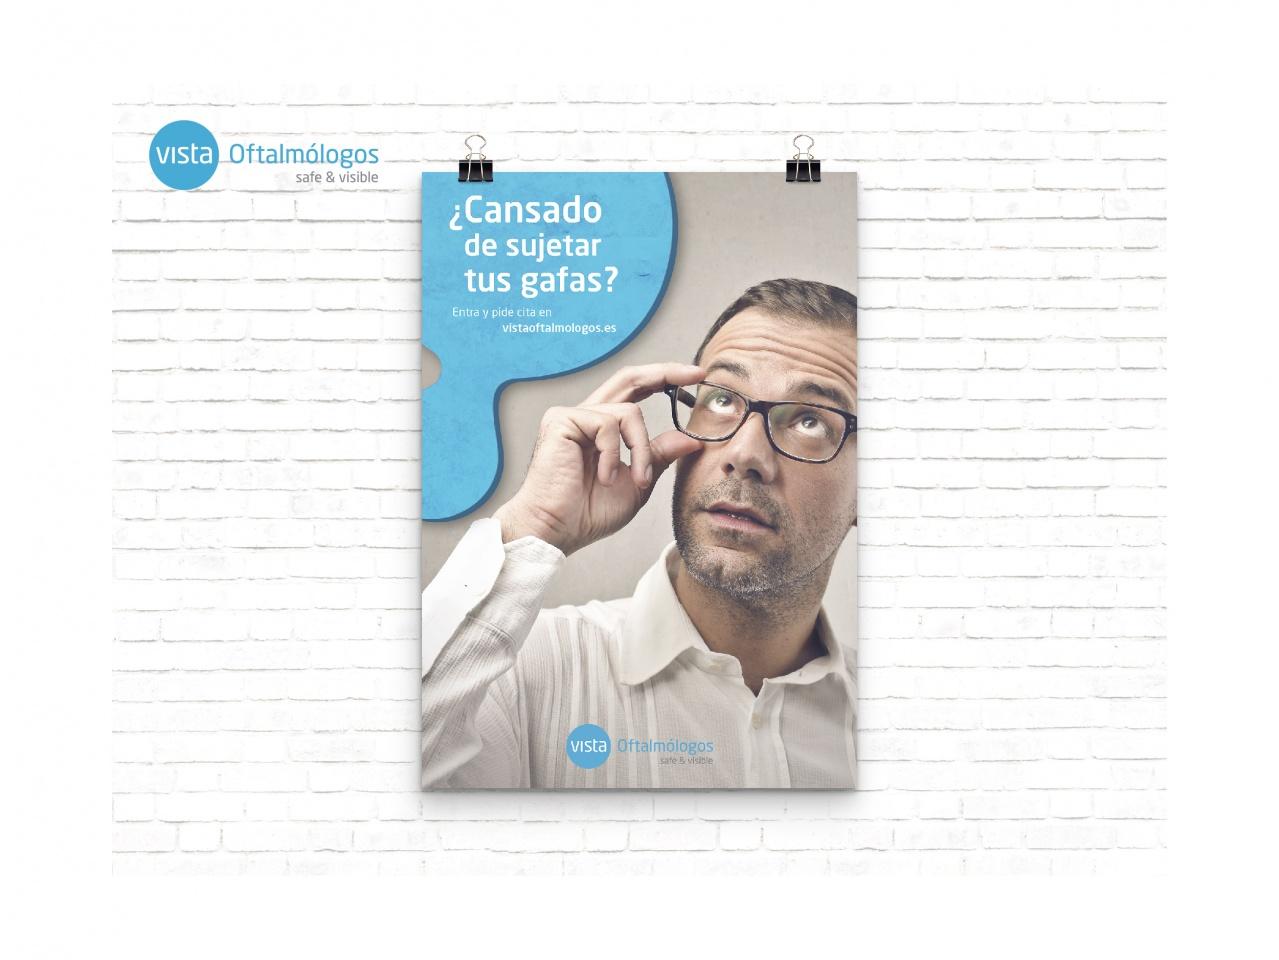 Creación y diseño de campañas para Grupo Vista Oftalmólogos.